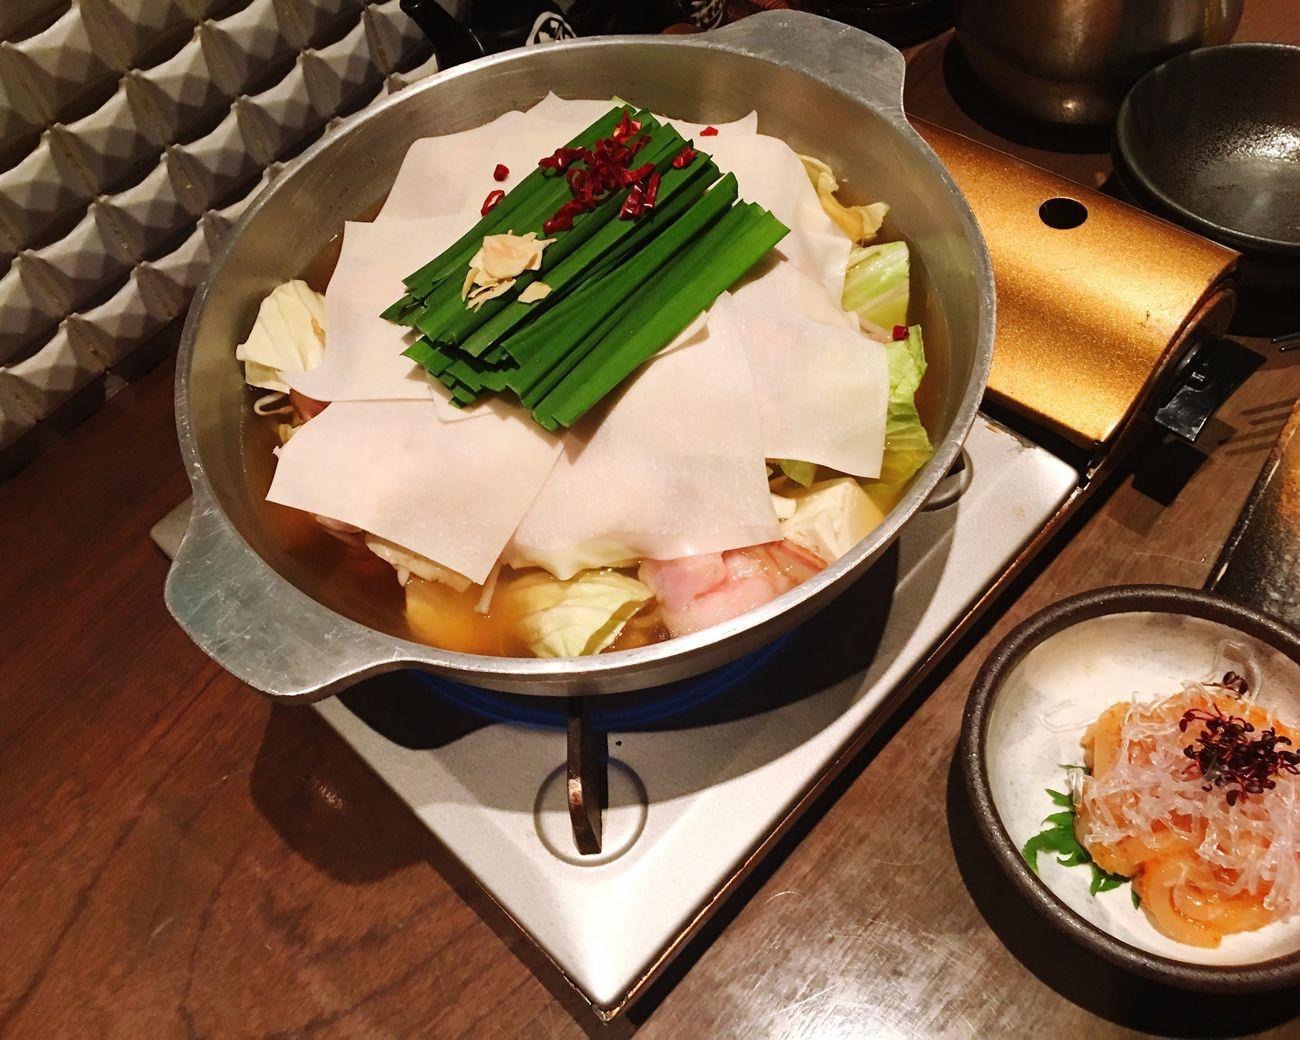 もつ鍋 いか明太 栄 錦 住吉 名古屋 Japanese Food 新九 Yummy Dinner 🍲🍻🍴💗